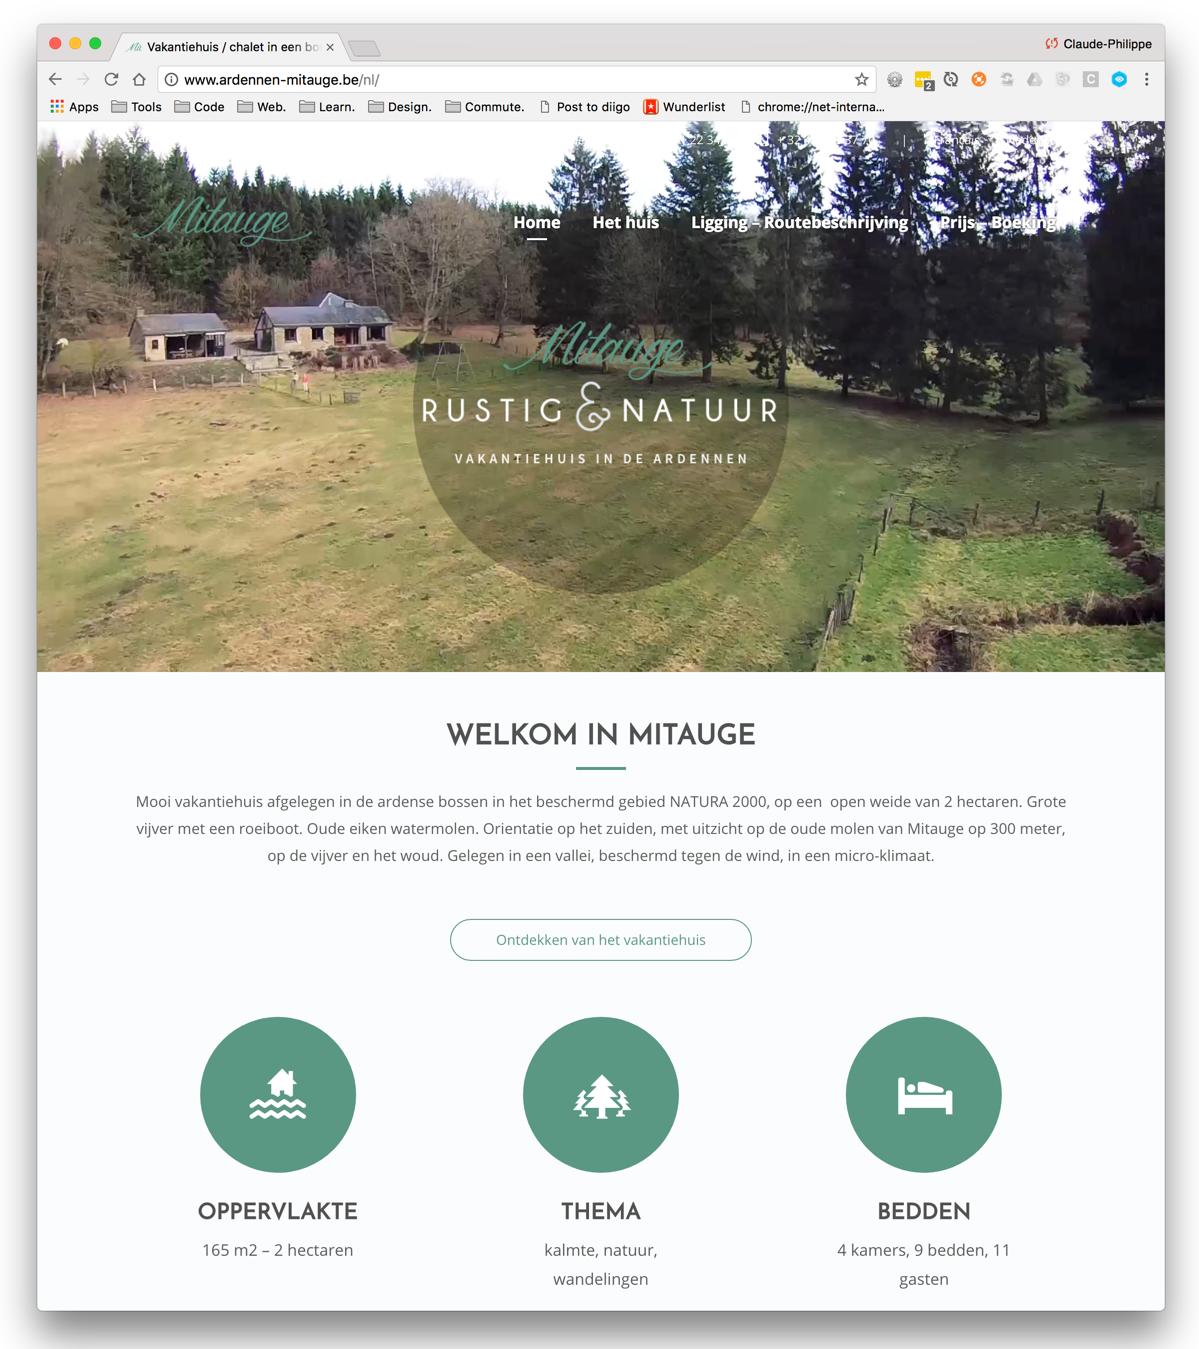 Mitauge – Maison de vacances en Ardenne